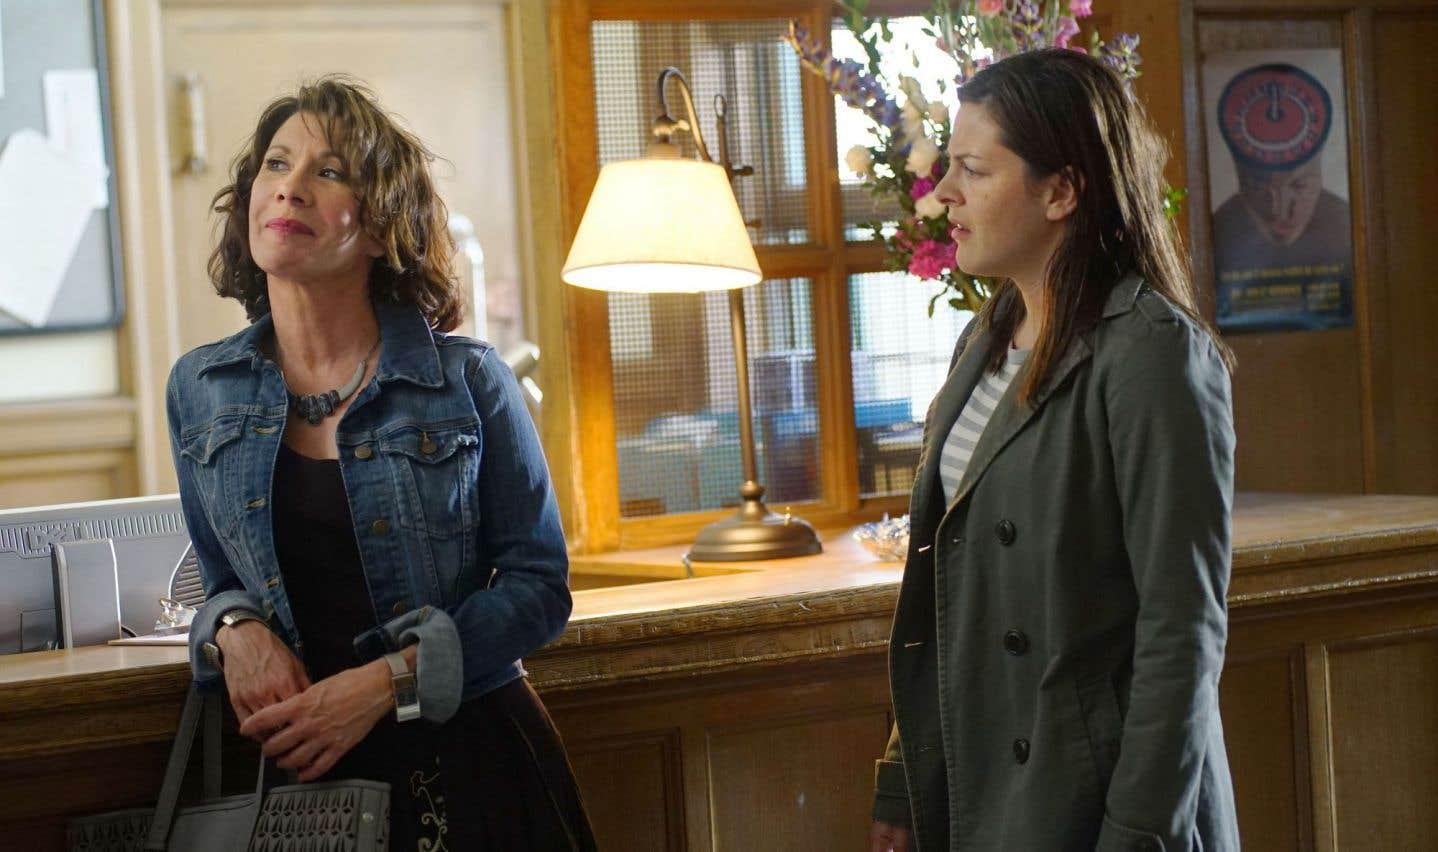 Madeleine (Sylvie Léonard) et Valérie (Sophie Cadieux) atteignent des sommets dans la névrose intergénérationnelle dans l'émission «Lâcher prise». Madeleine applique la F*ck thérapie à la lettre.